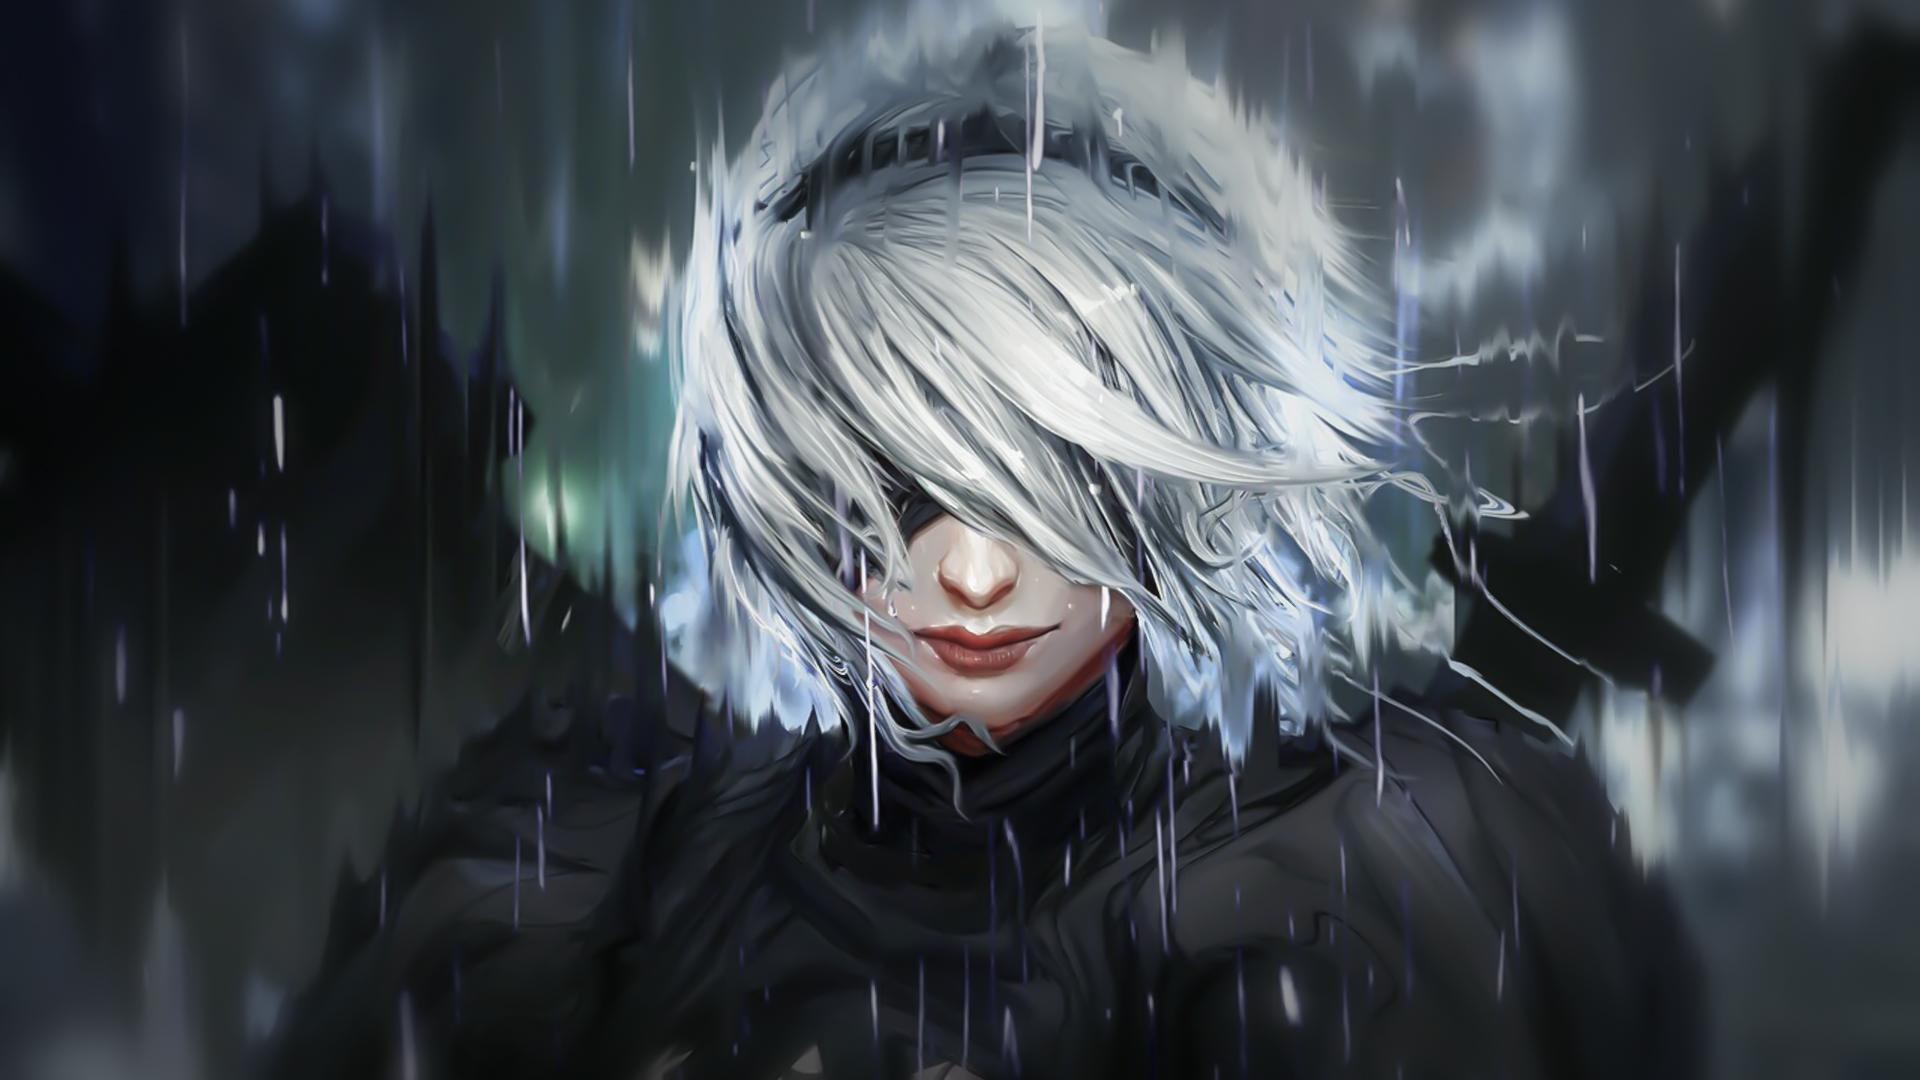 Hình nền : fanart, Mỹ thuật, Backgound, Chủ nghĩa tối giản, Nier Automata, 2B  Nier Automata, kết cấu, Anime cô gái, Cô gái trong mưa, Trò chơi nghệ  thuật, ...